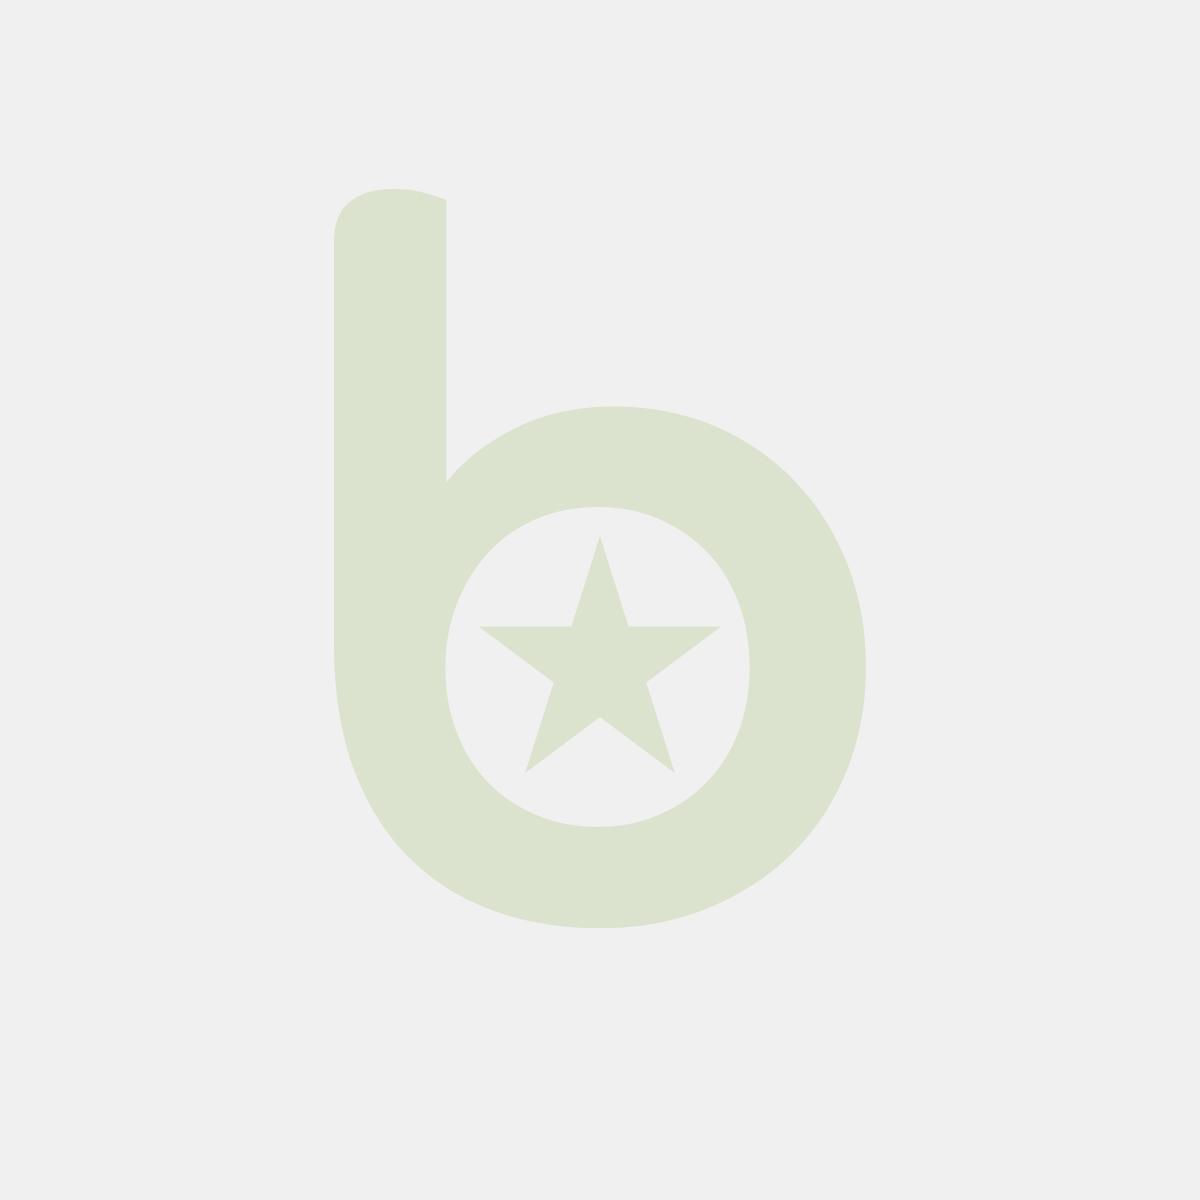 Zakaz wprowadzania psów B4 - 148 x 148mm RA507B4FN